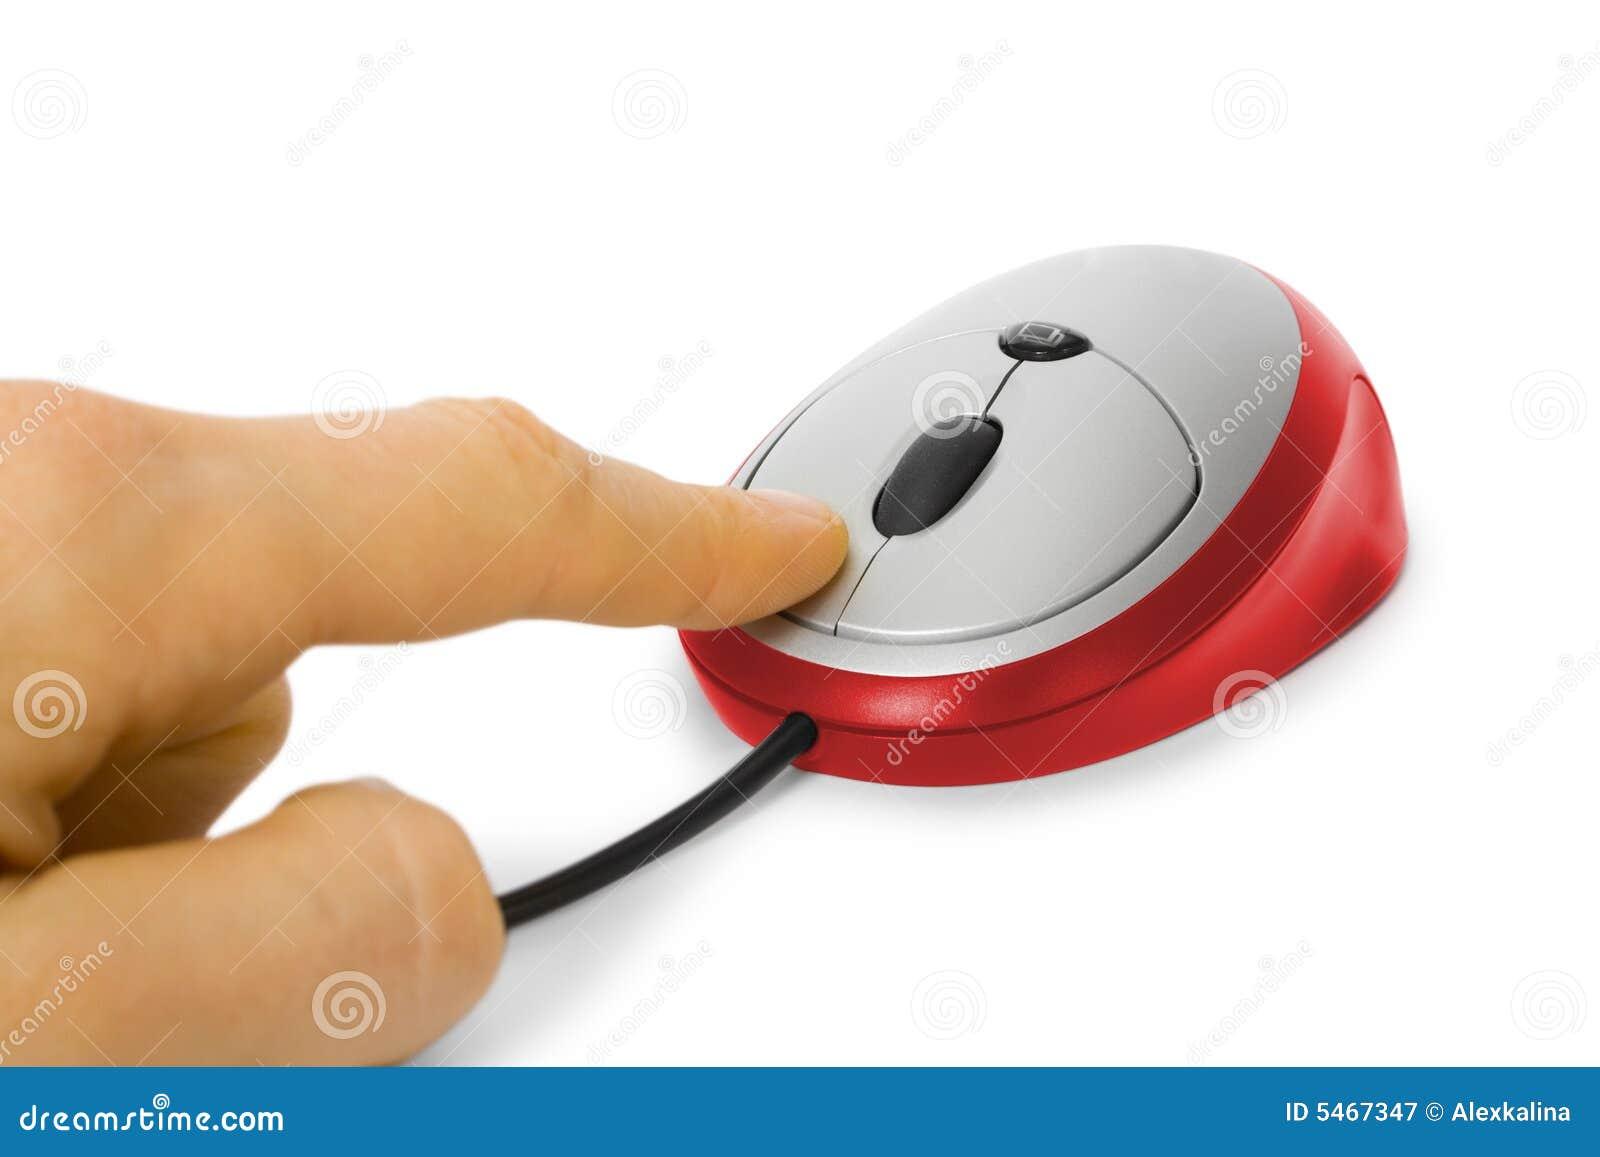 De muis van de computer klikt